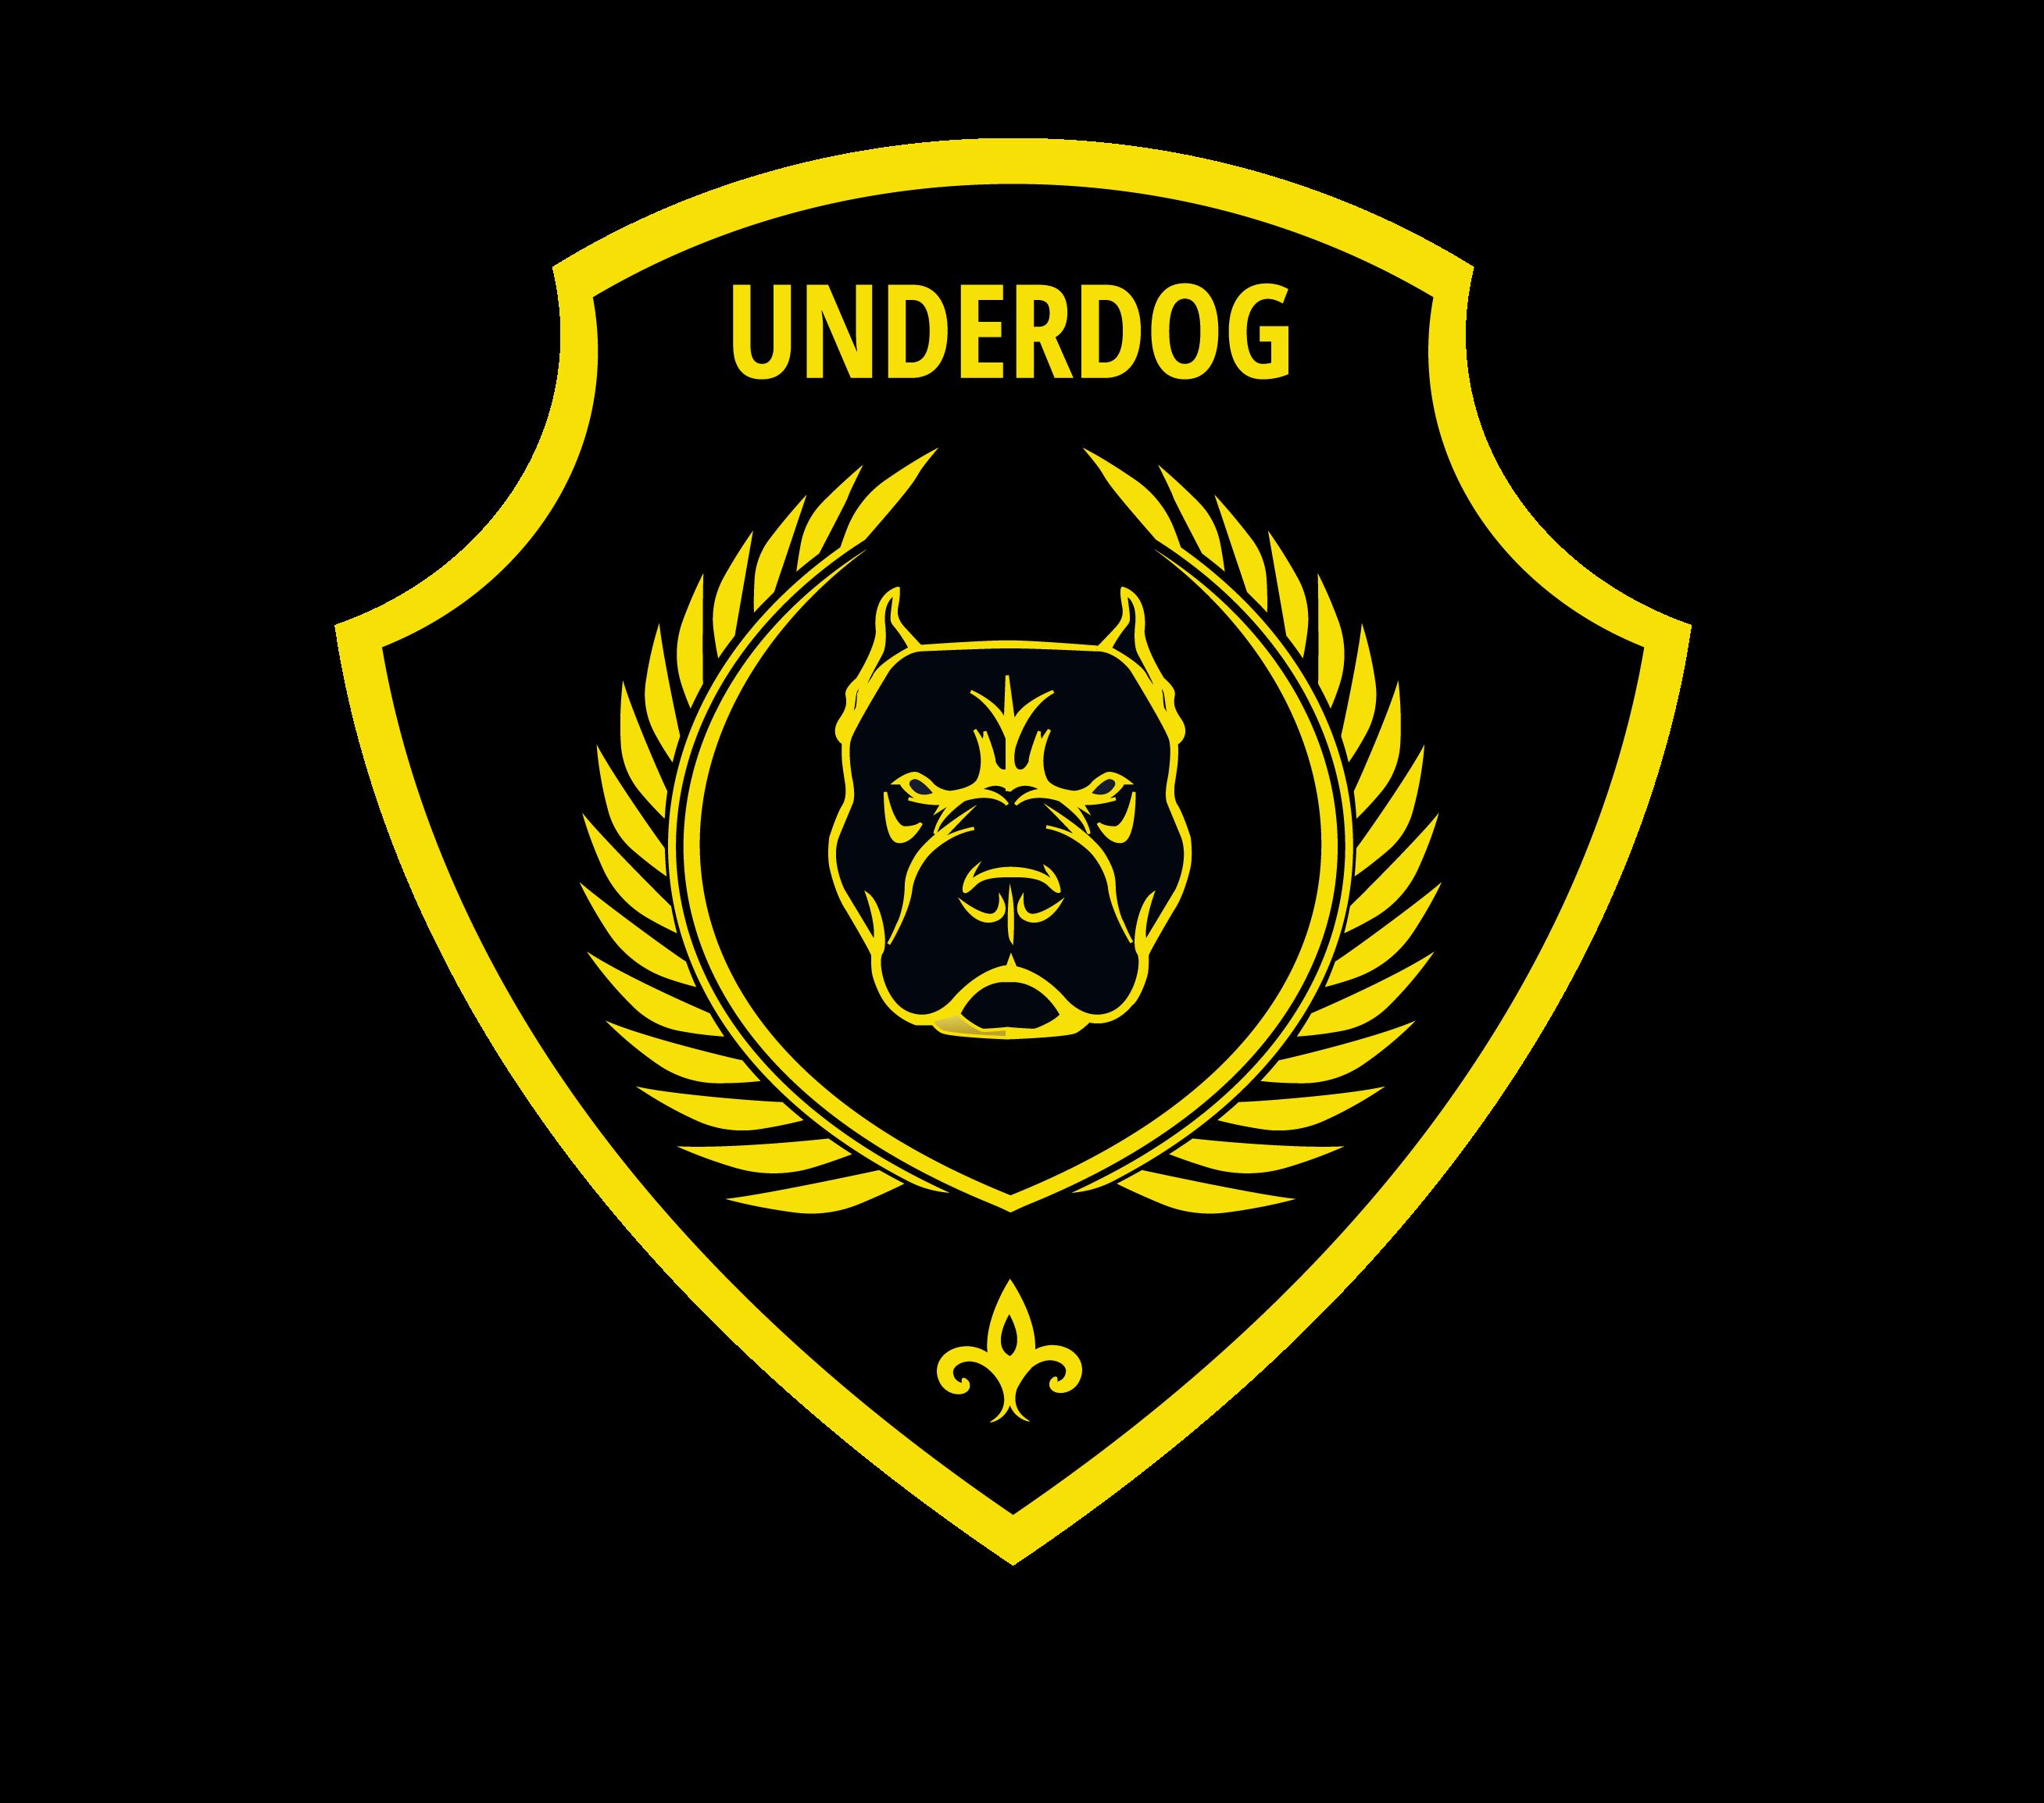 Футбольный клуб UNDERDOG - разработать фирстиль и бренд-бук фото f_4335caf308f10bc1.png